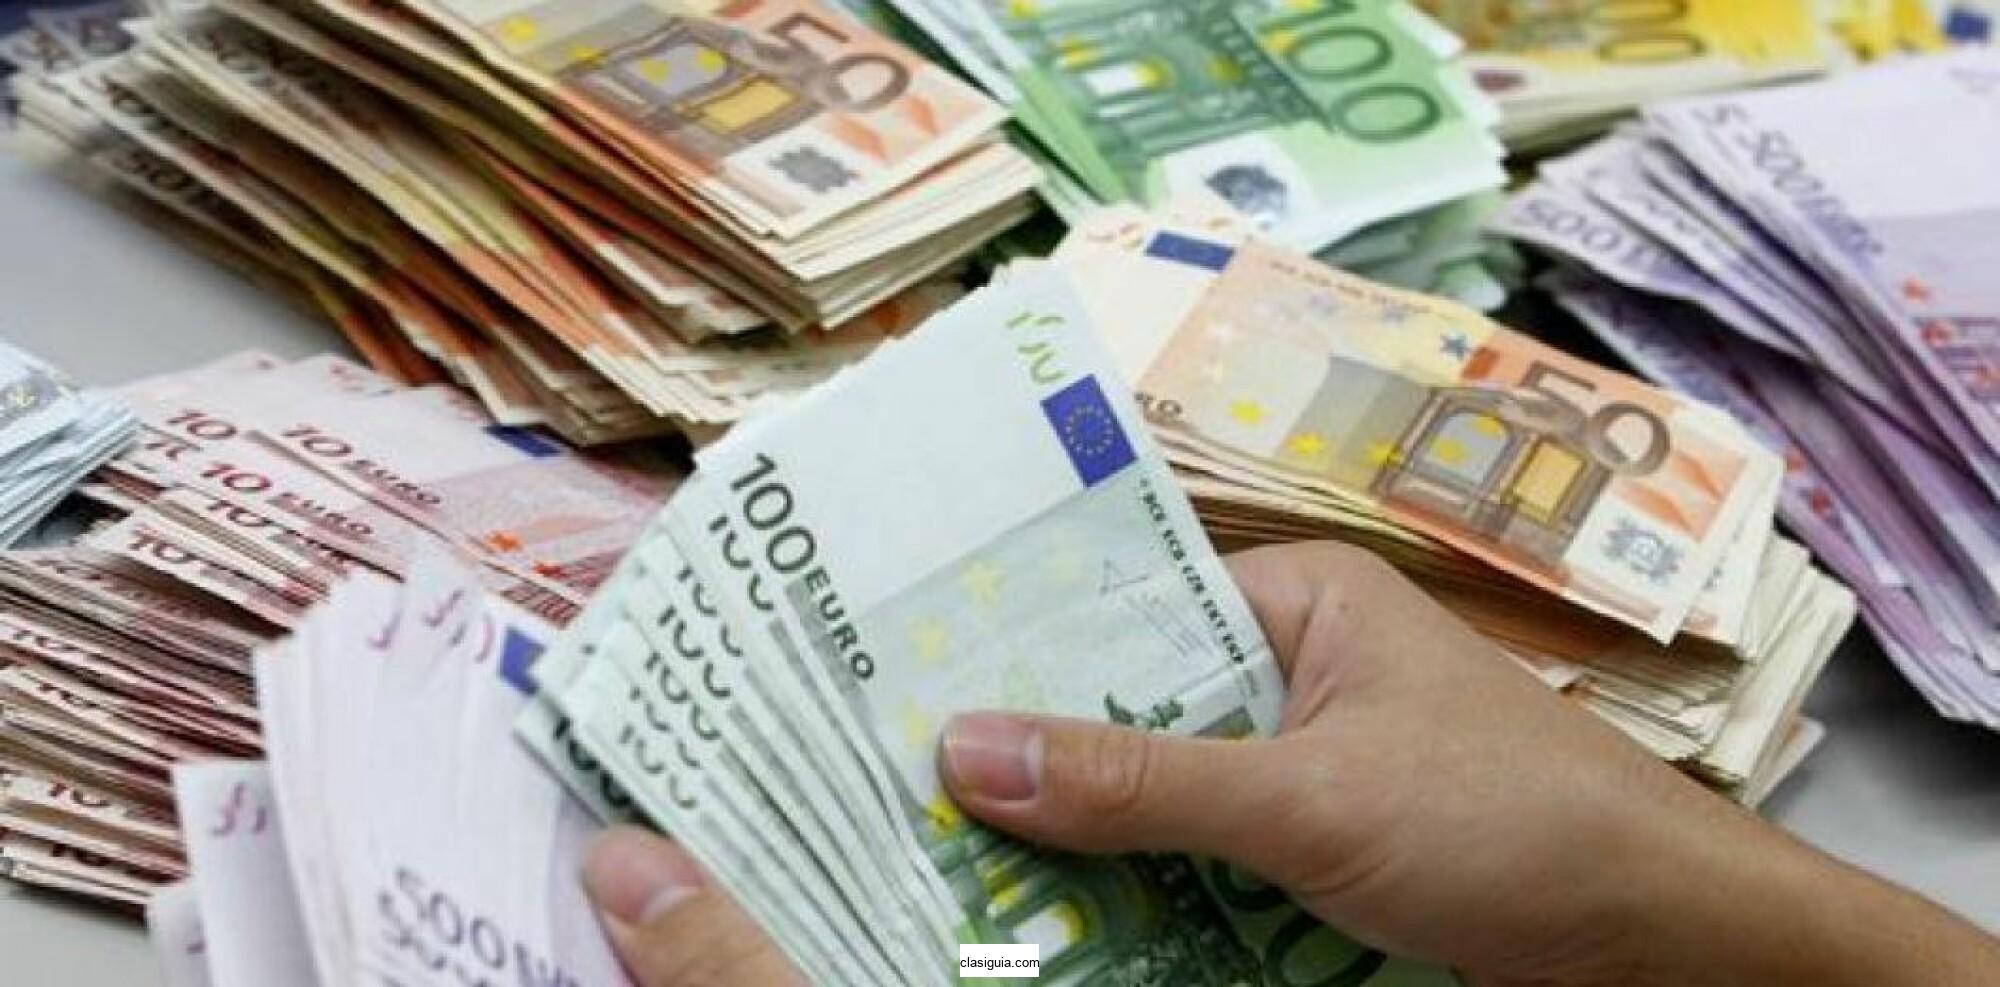 Oferta de préstamo entre bancos en 48 horas